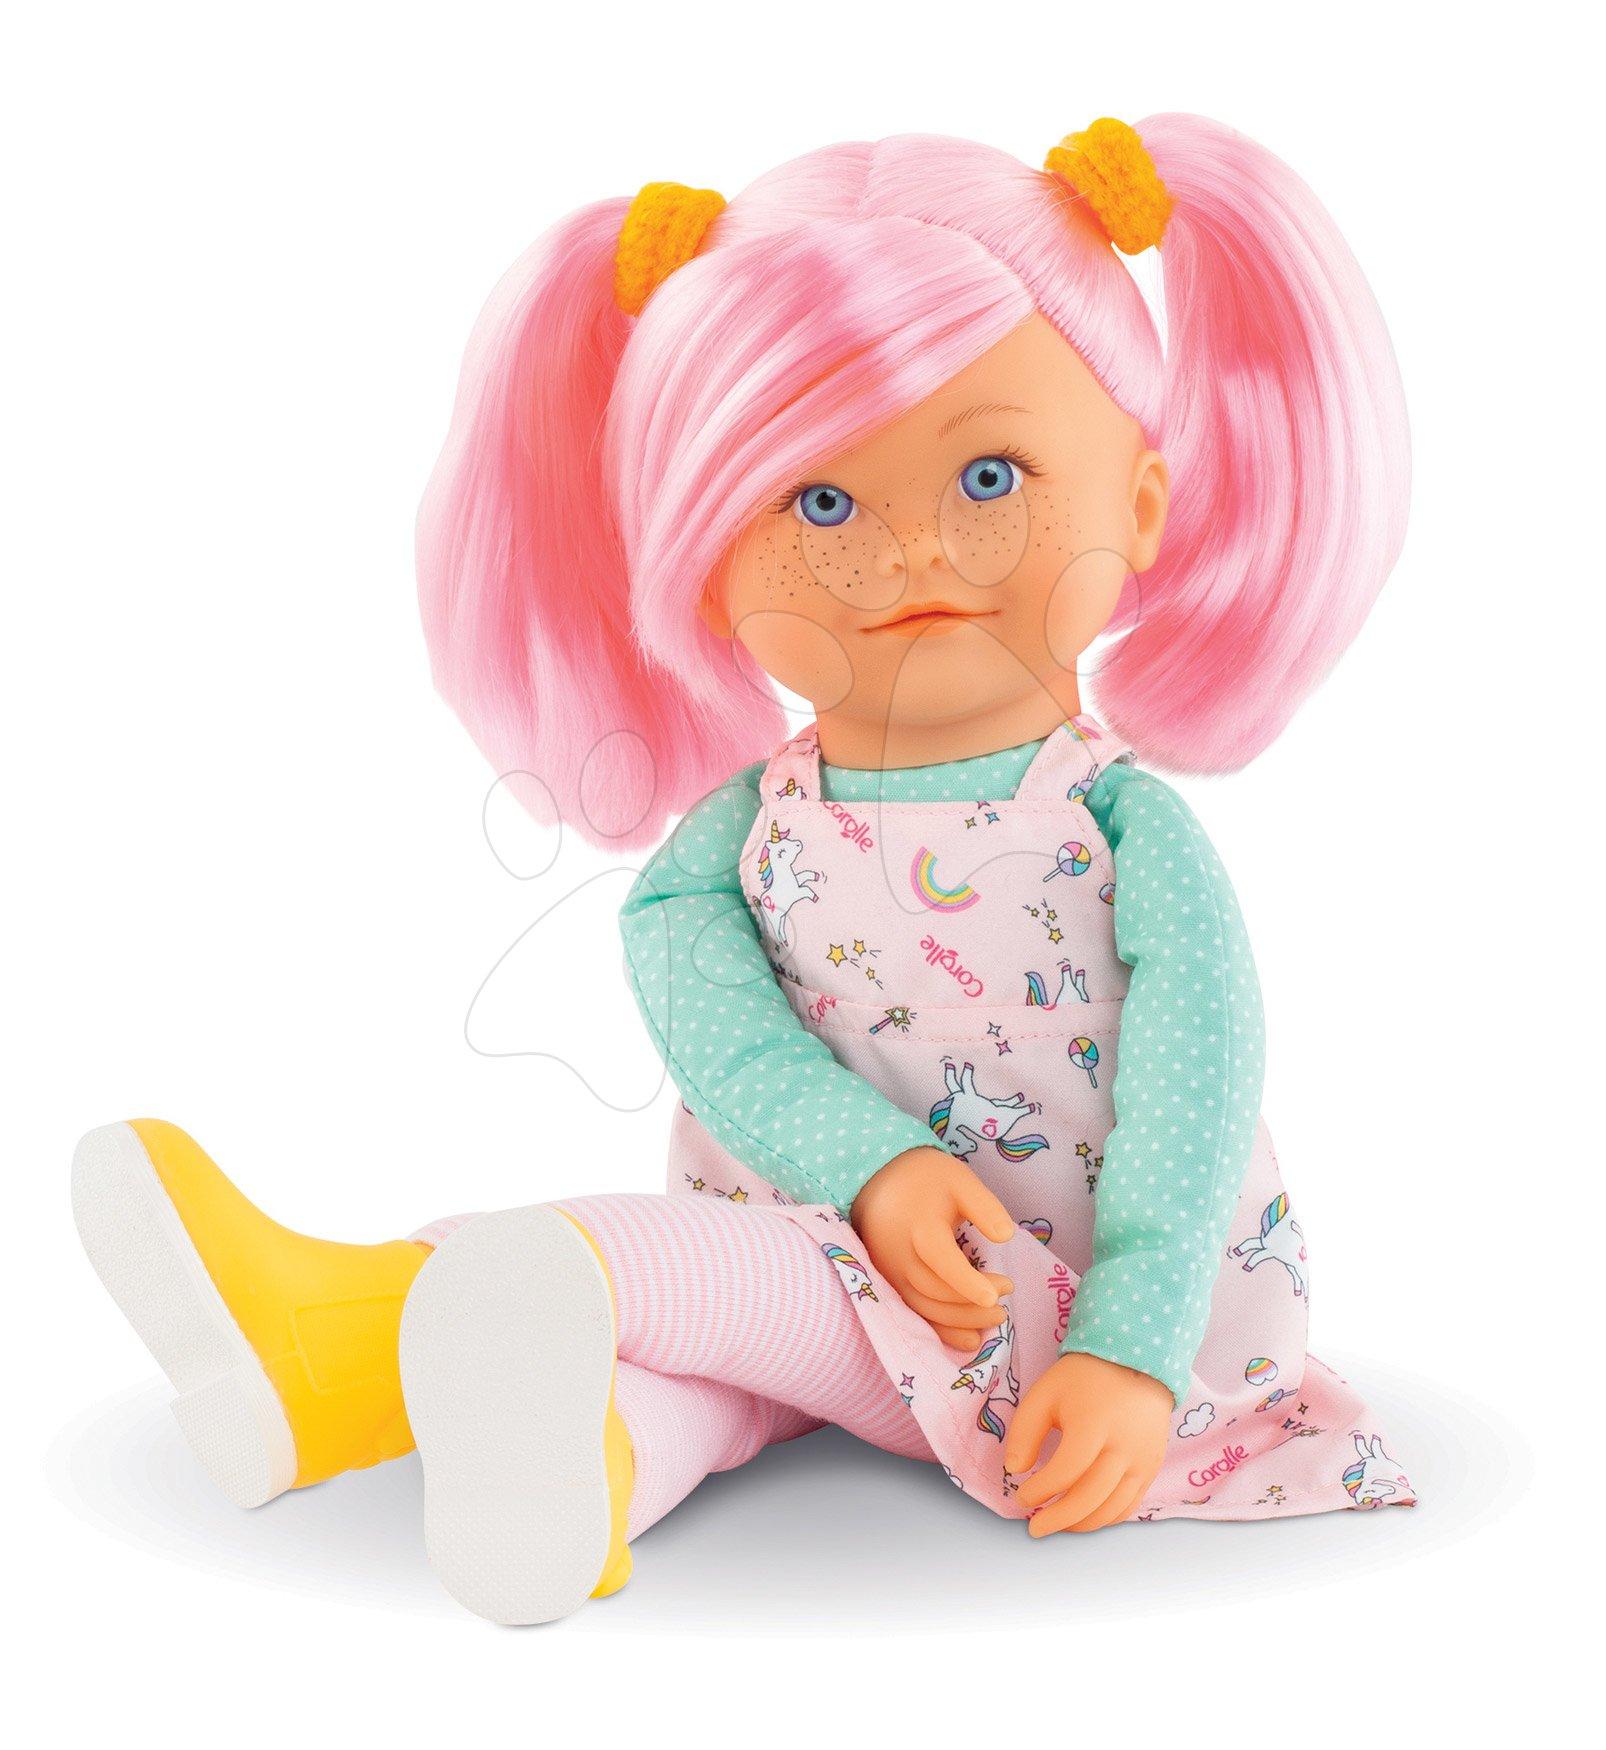 Bábika Praline Rainbow Dolls Corolle s hodvábnymi vlasmi a vanilkou ružová 38 cm od 3 rokov